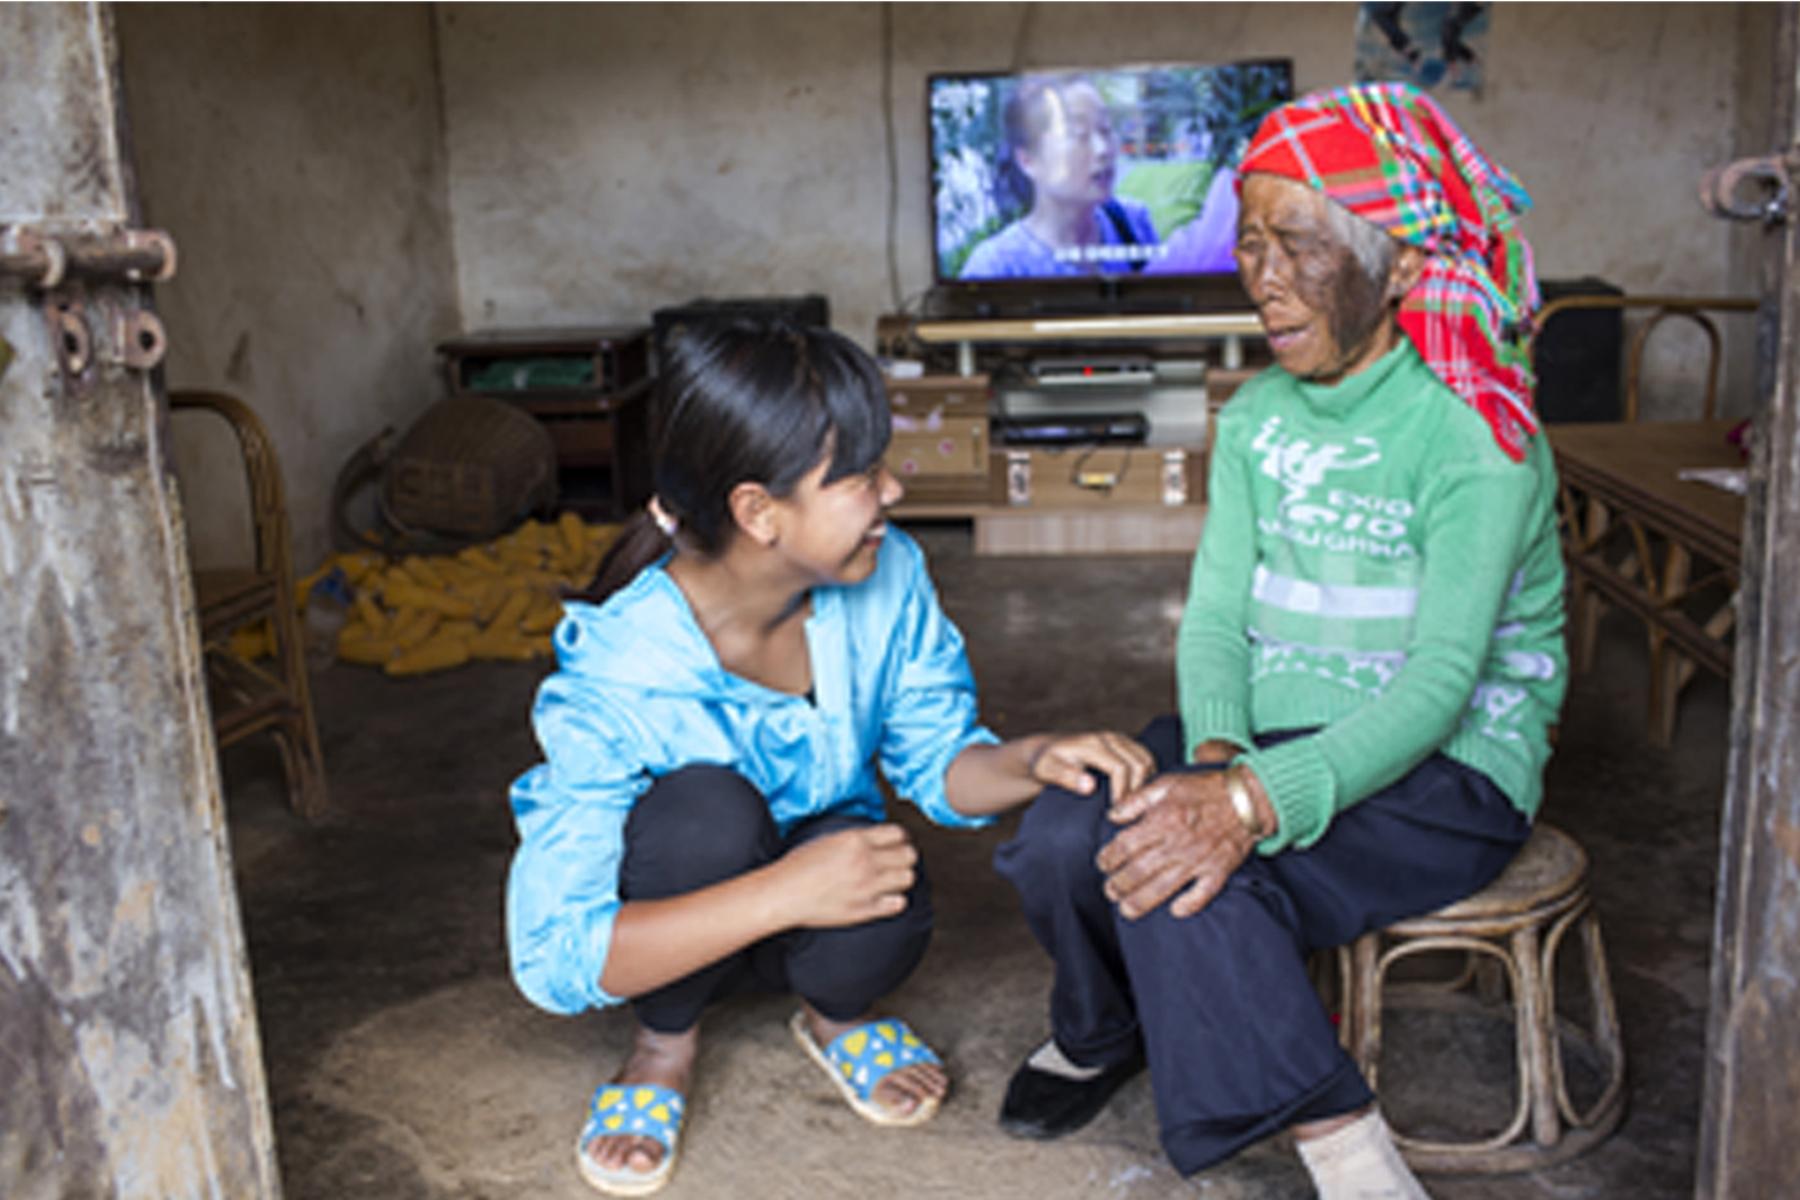 孫女李娜倮放棄外出升學和就業的機會,留在家裡照顧祖母。